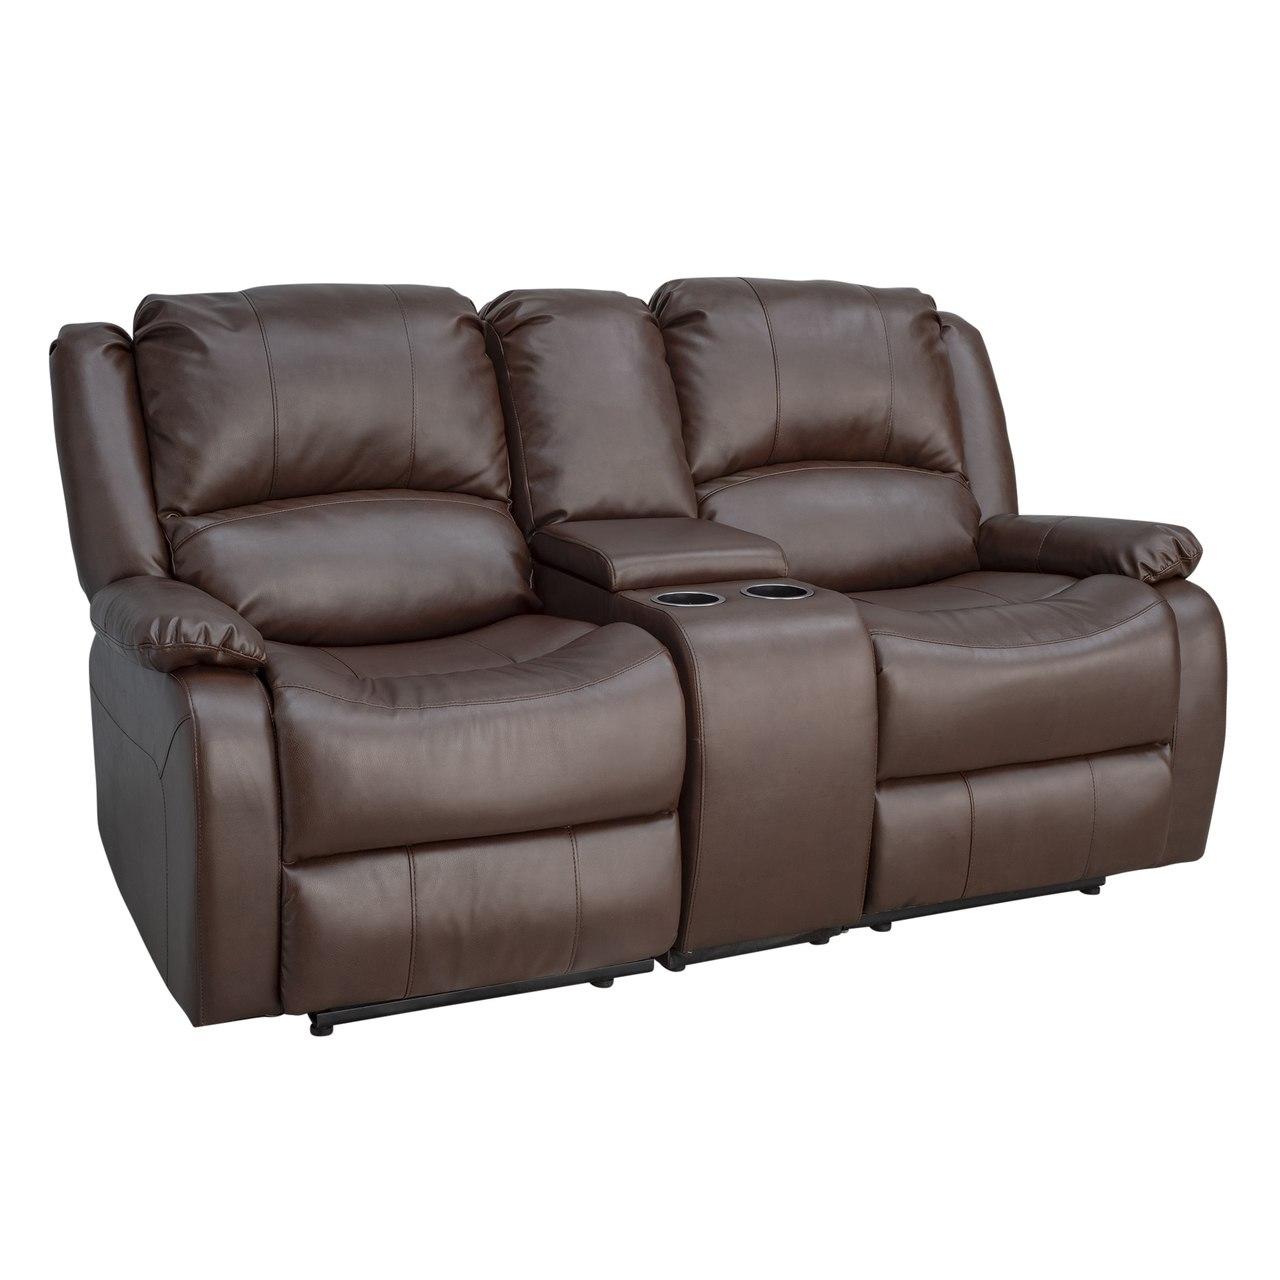 RV Wall Hugger Recliner Sofa